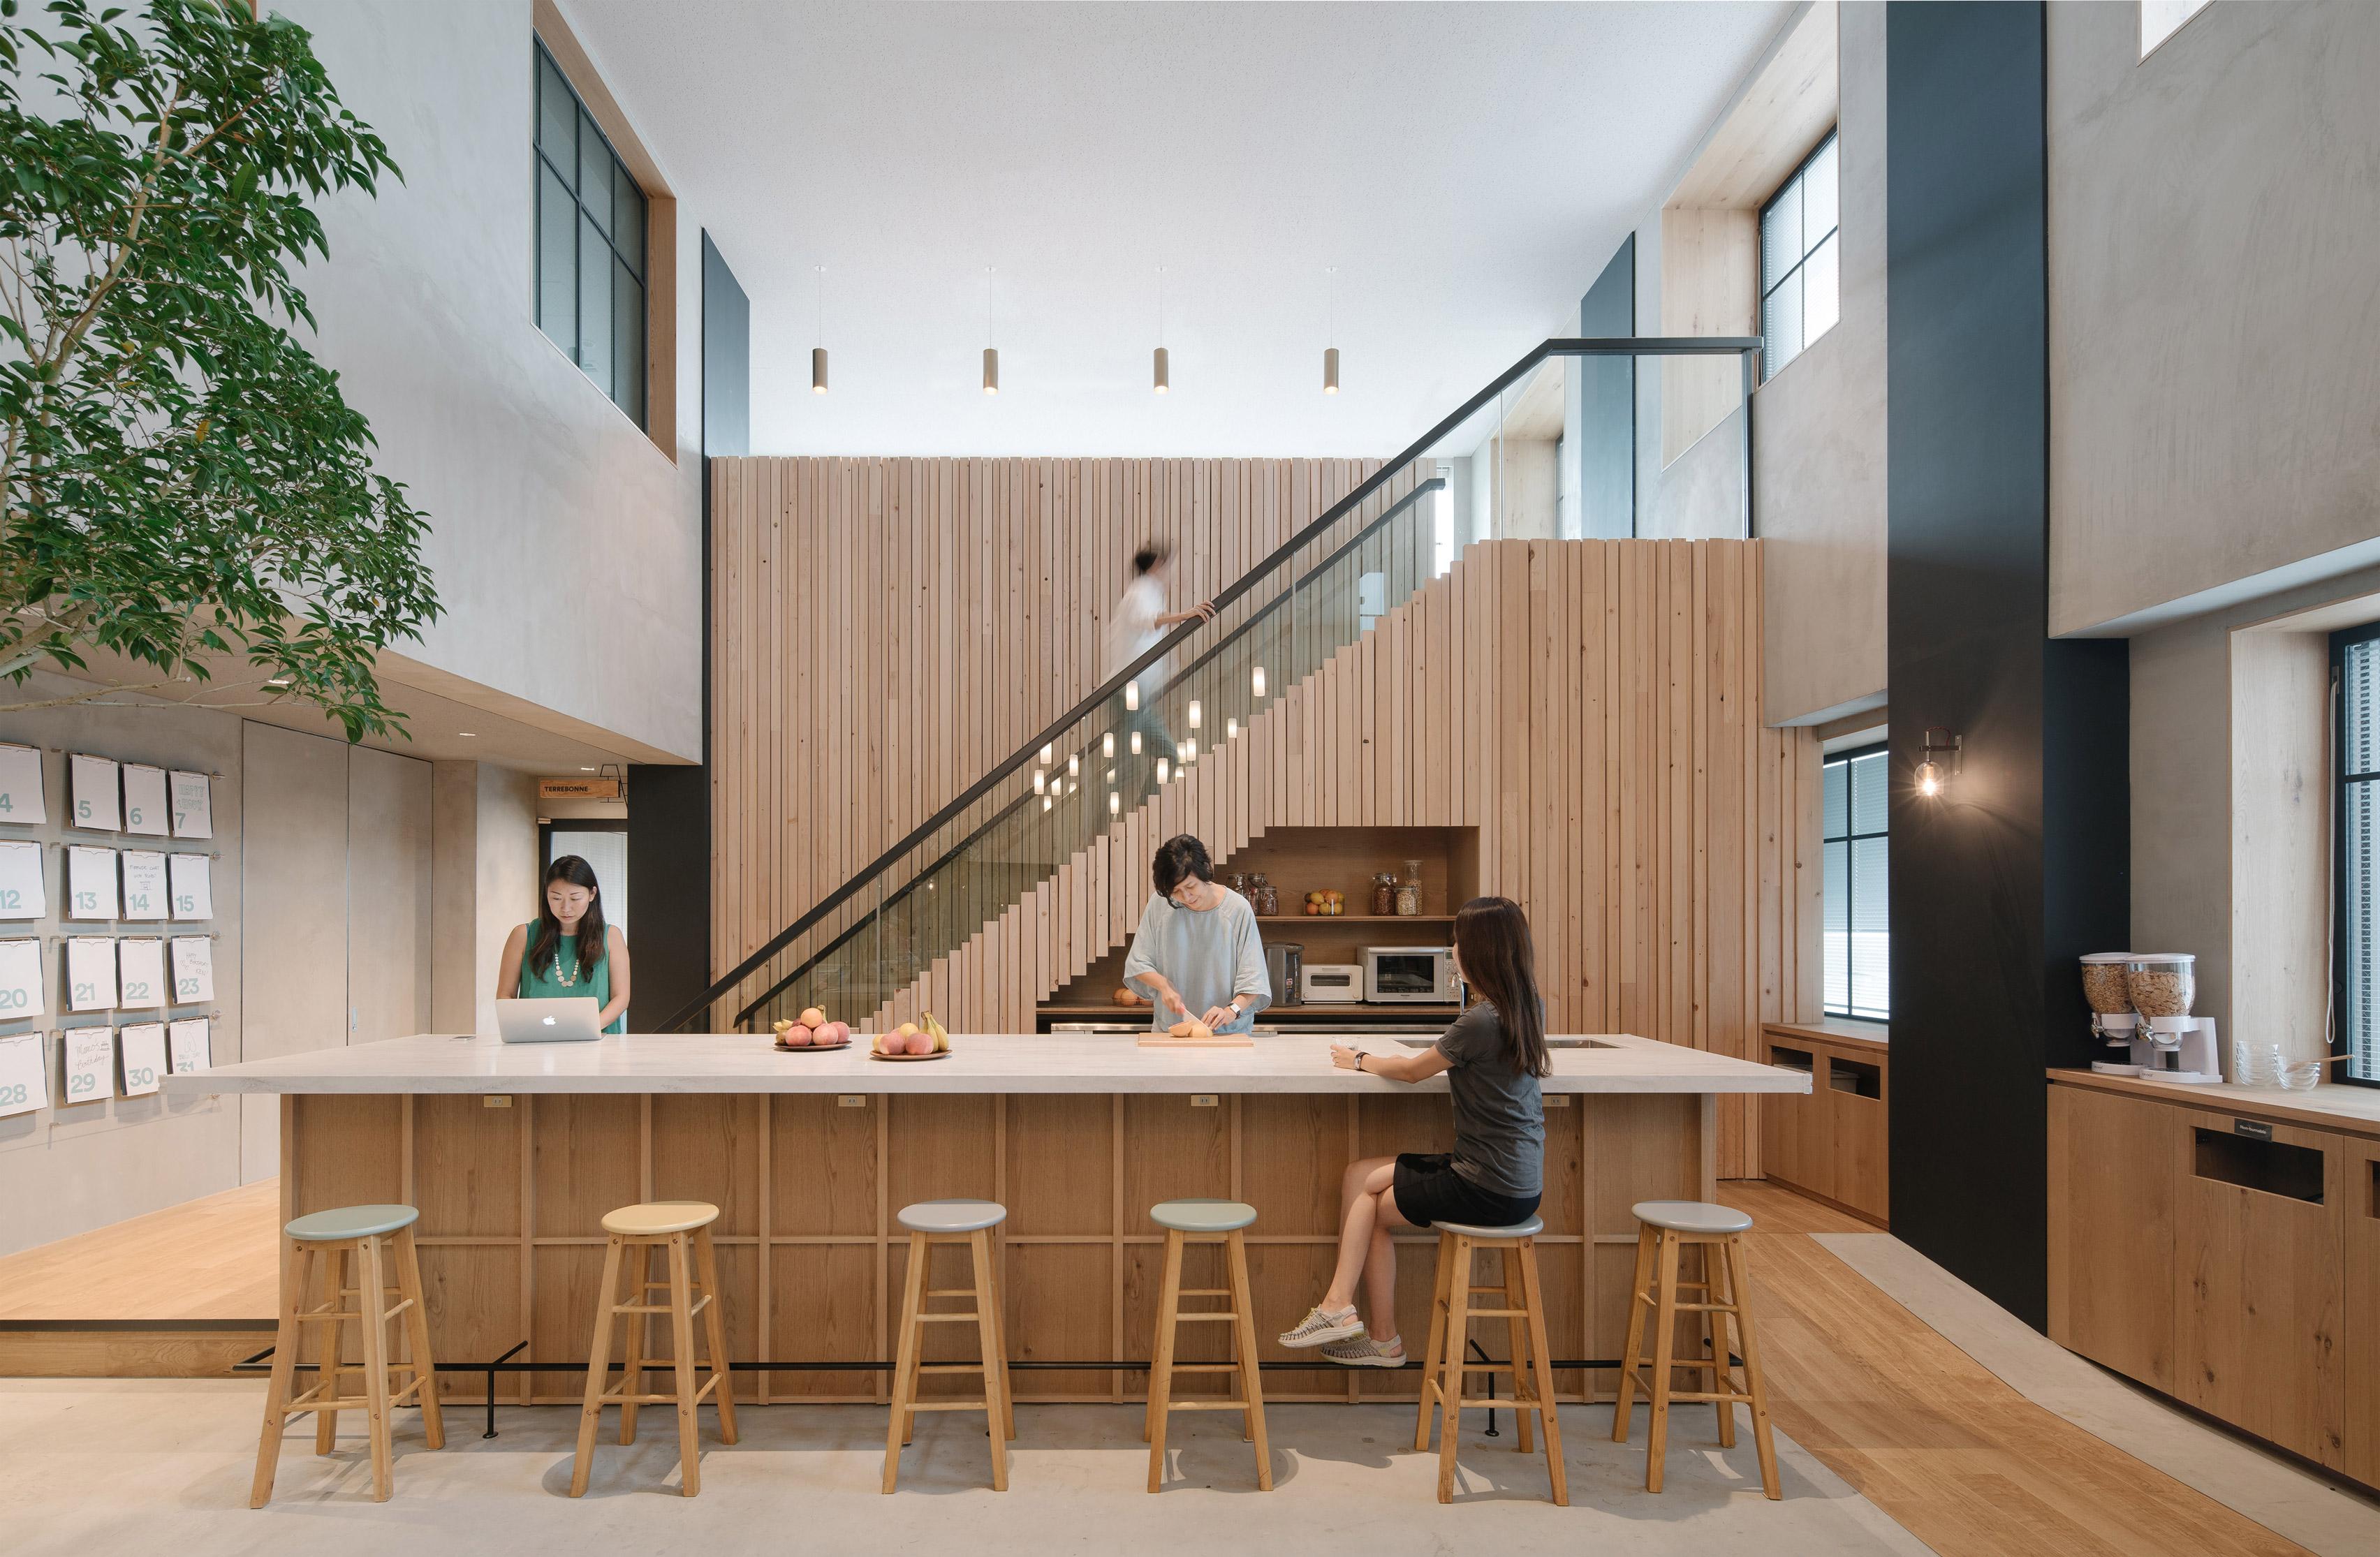 airbnb-tokyo-office-_dezeen_3408_11